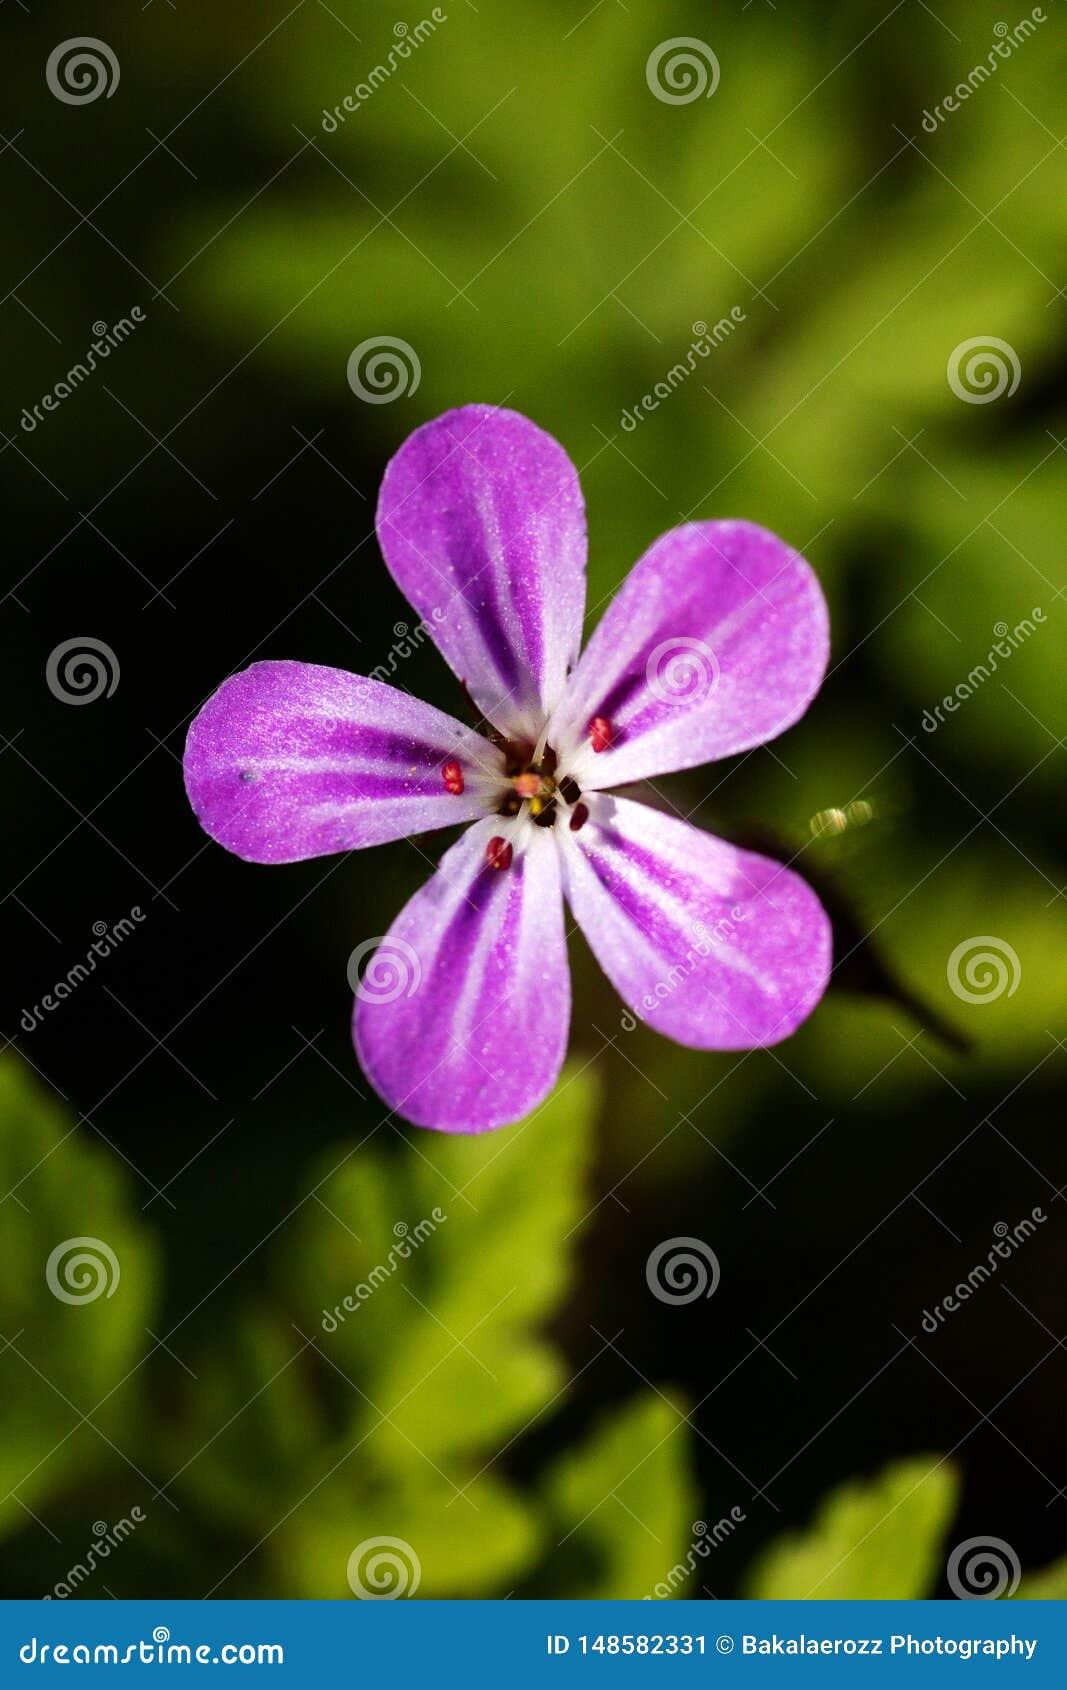 Purpurowa dzikiego kwiatu t?a sztuka pi?kna w wysokiej jako?ci druk?w produktach Canon 5DS - 50,6 Megapixels